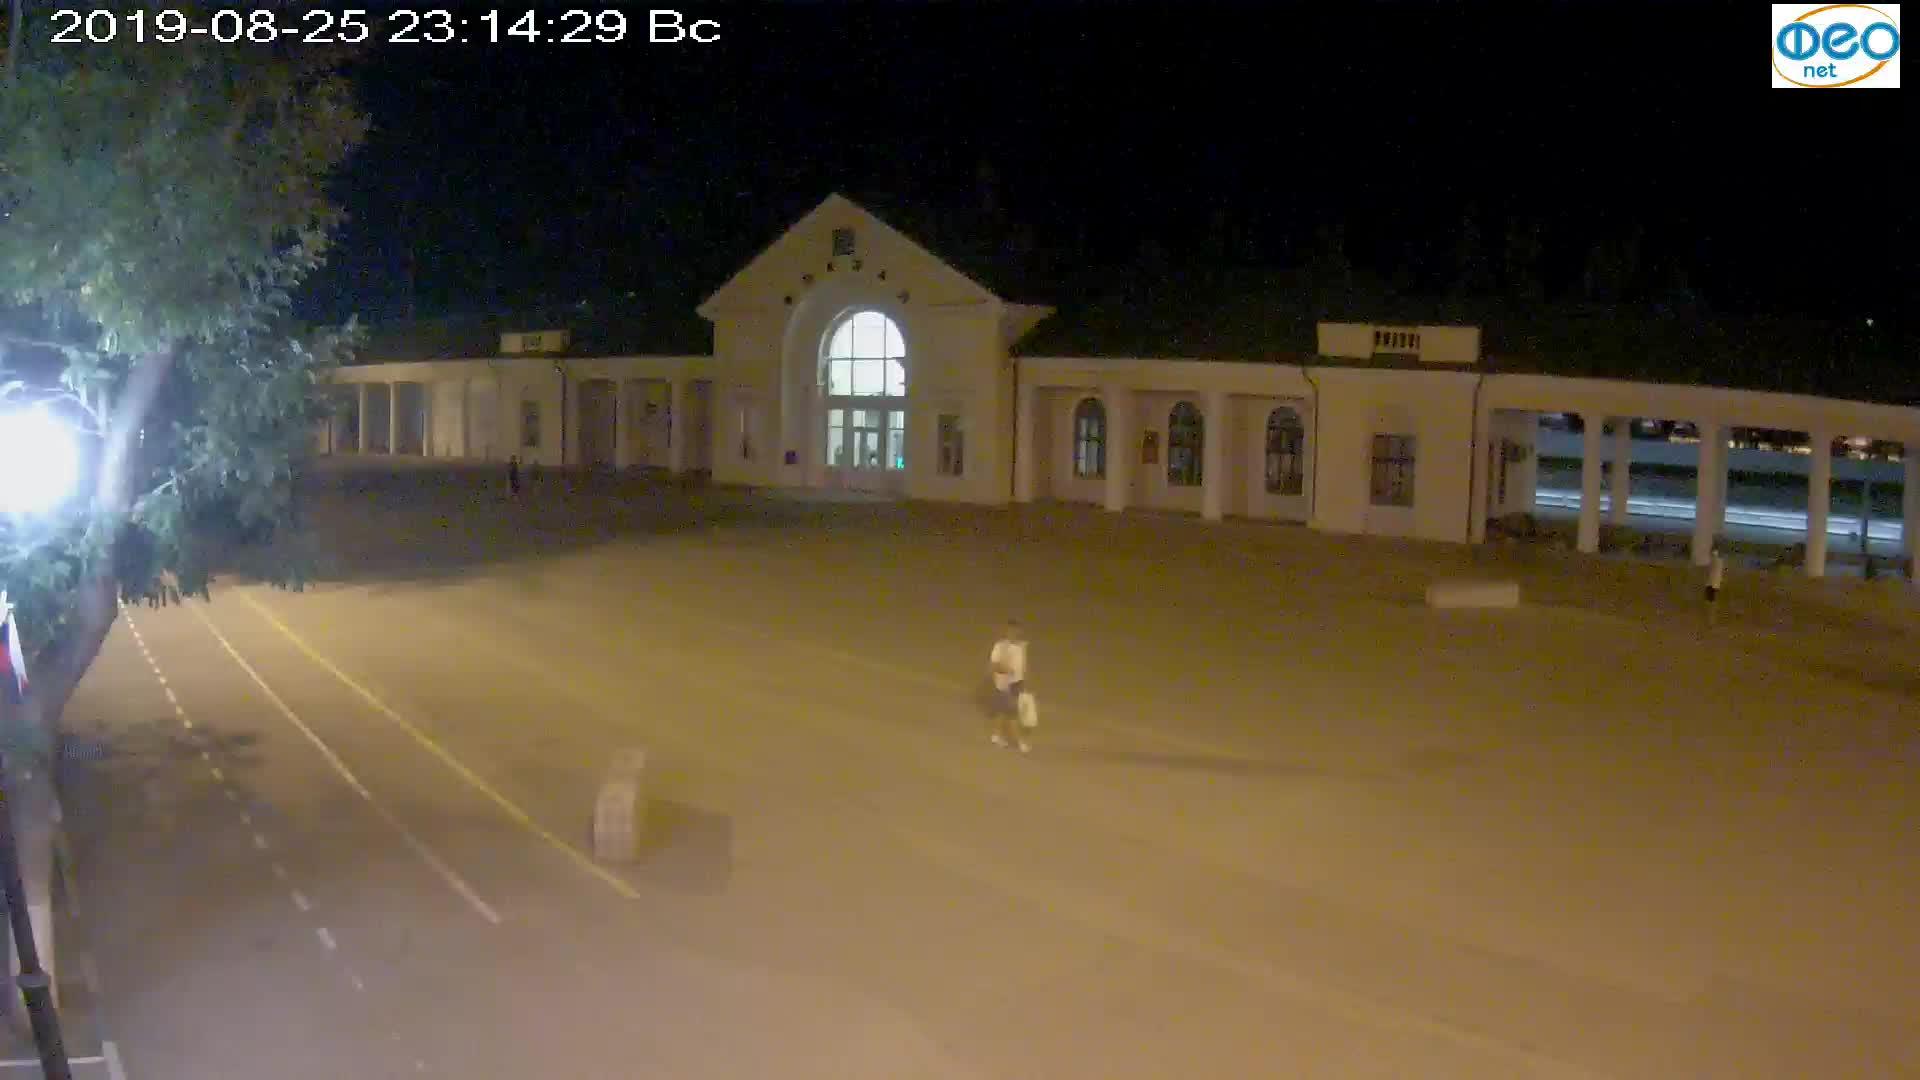 Веб-камеры Феодосии, Привокзальная площадь, 2019-08-25 23:30:06